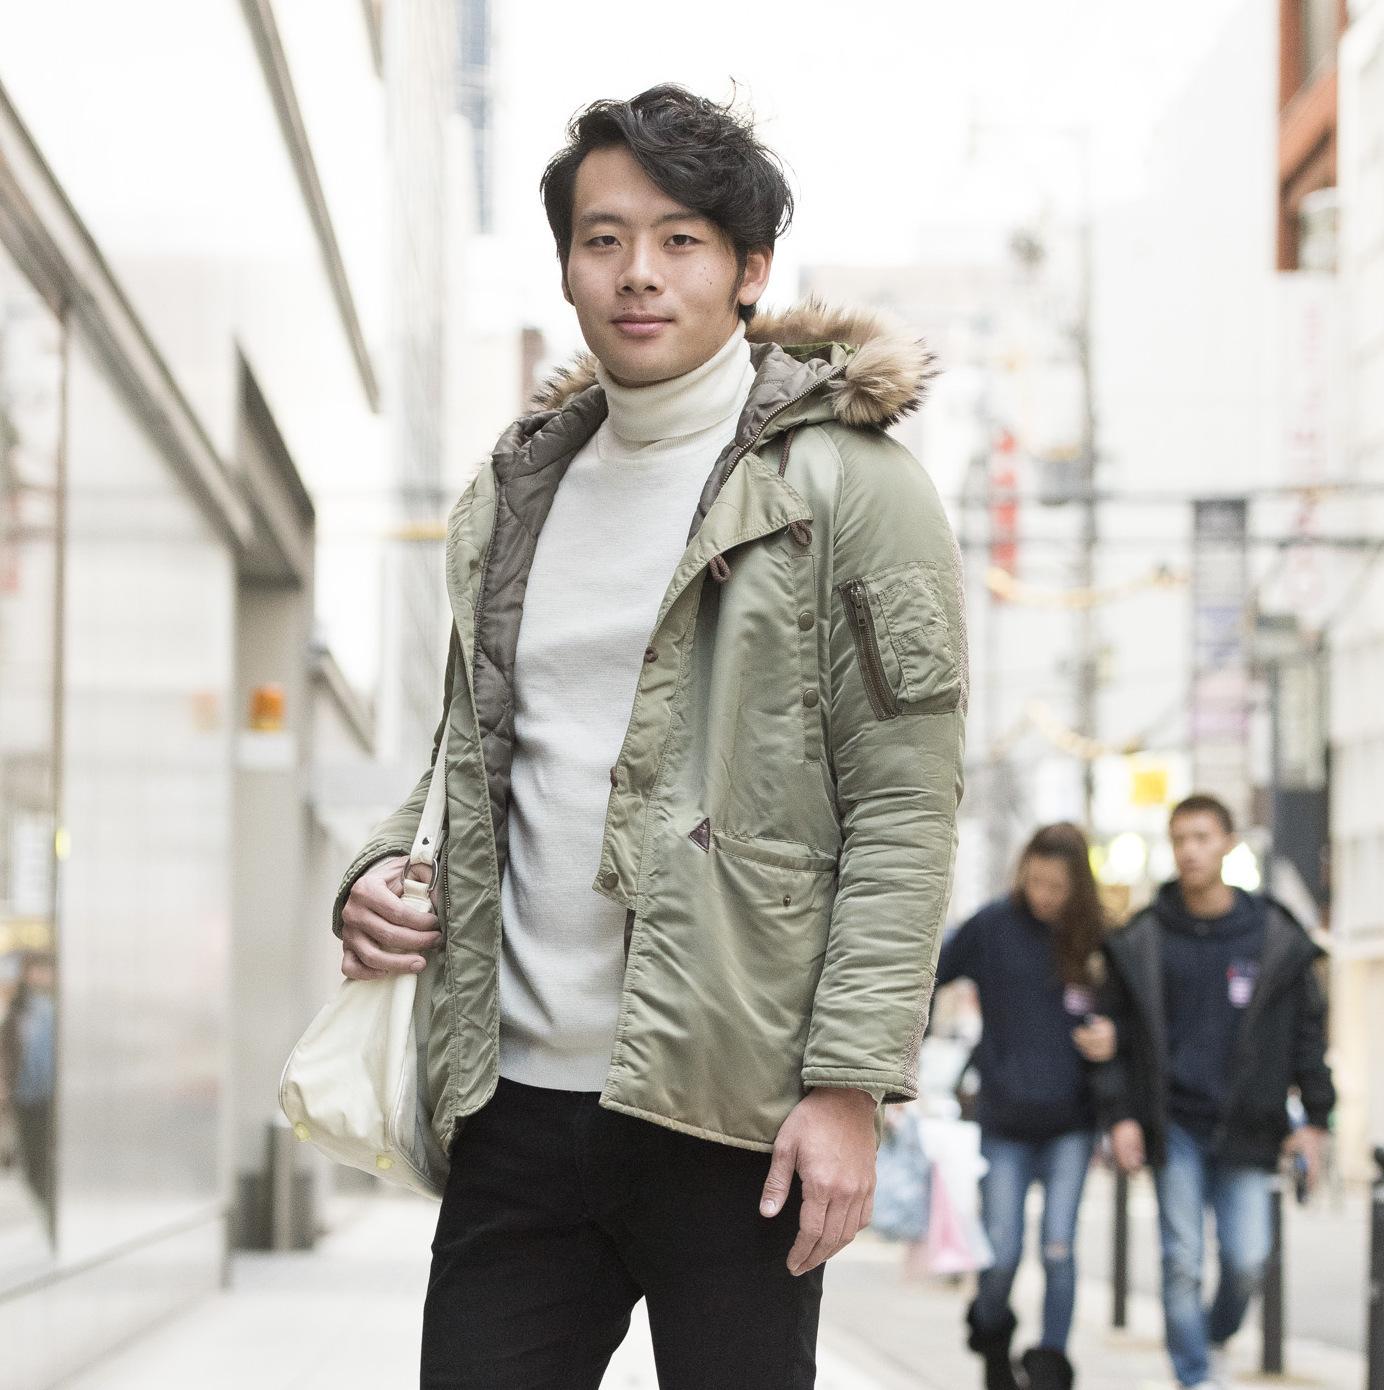 【SNAP JACK】<br />本格派アウターを使った、まさに冬のお手本女子モテコーデ!<br />鹿野耀平くん・大阪市立大学